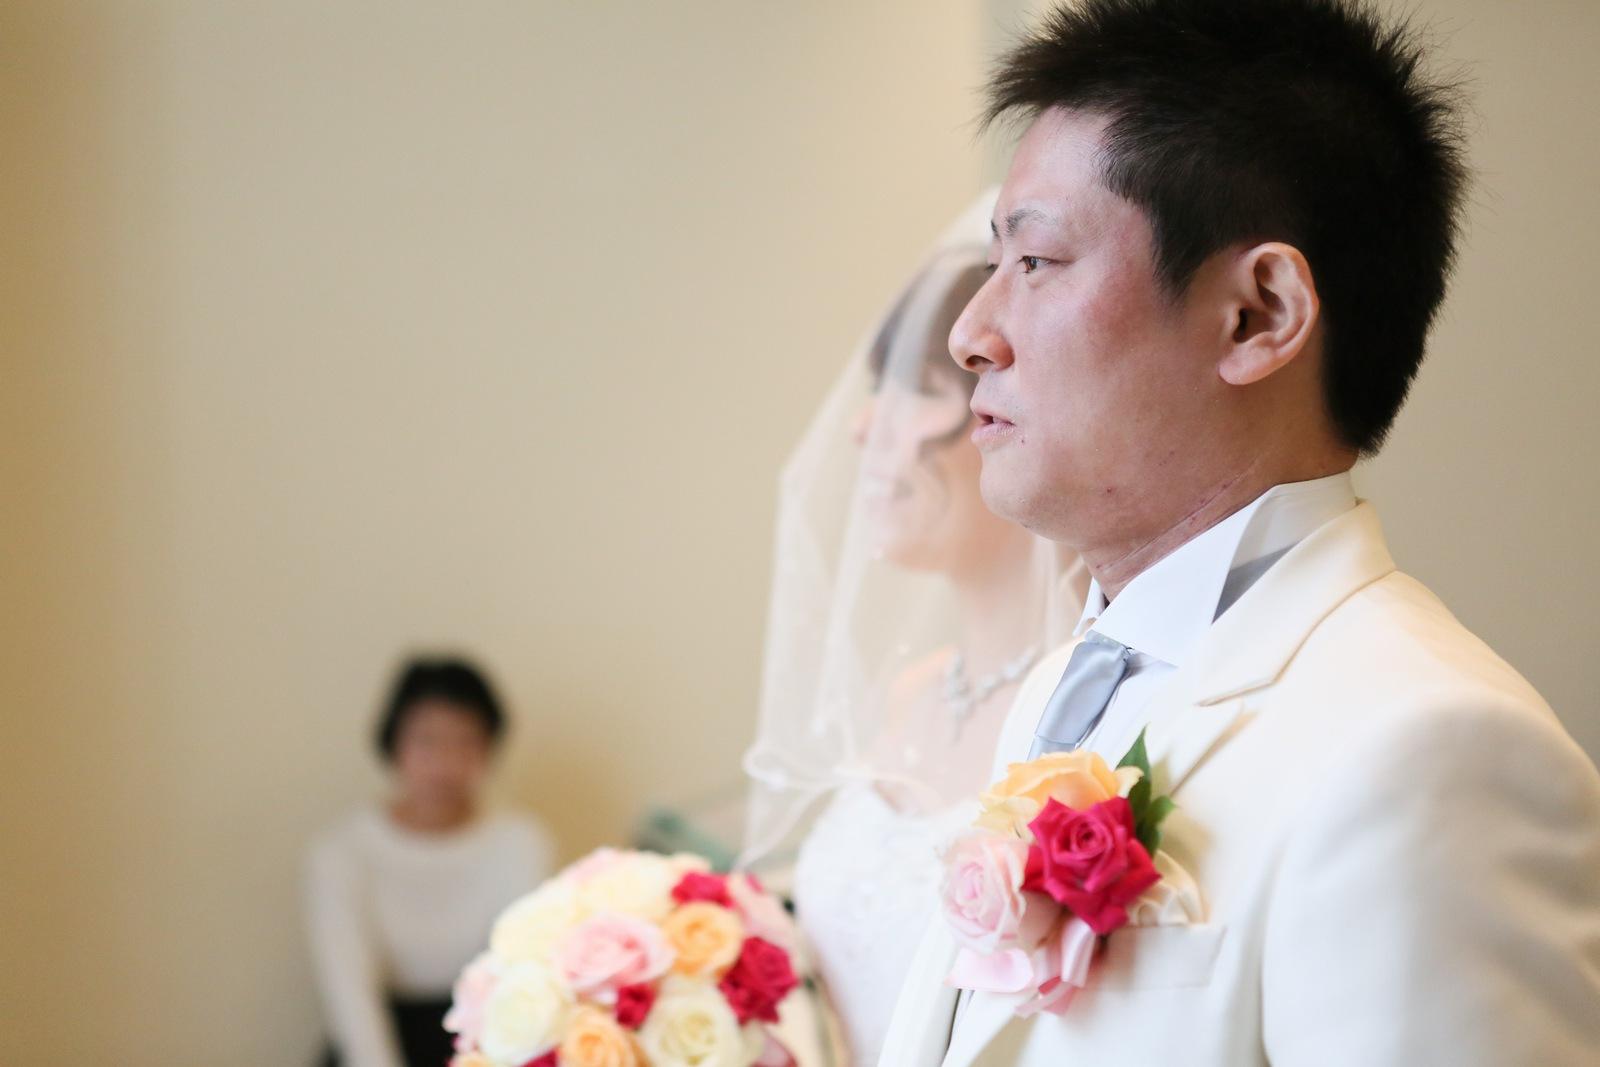 高松市の結婚式場アイルバレクラブのチャペル入場シーン